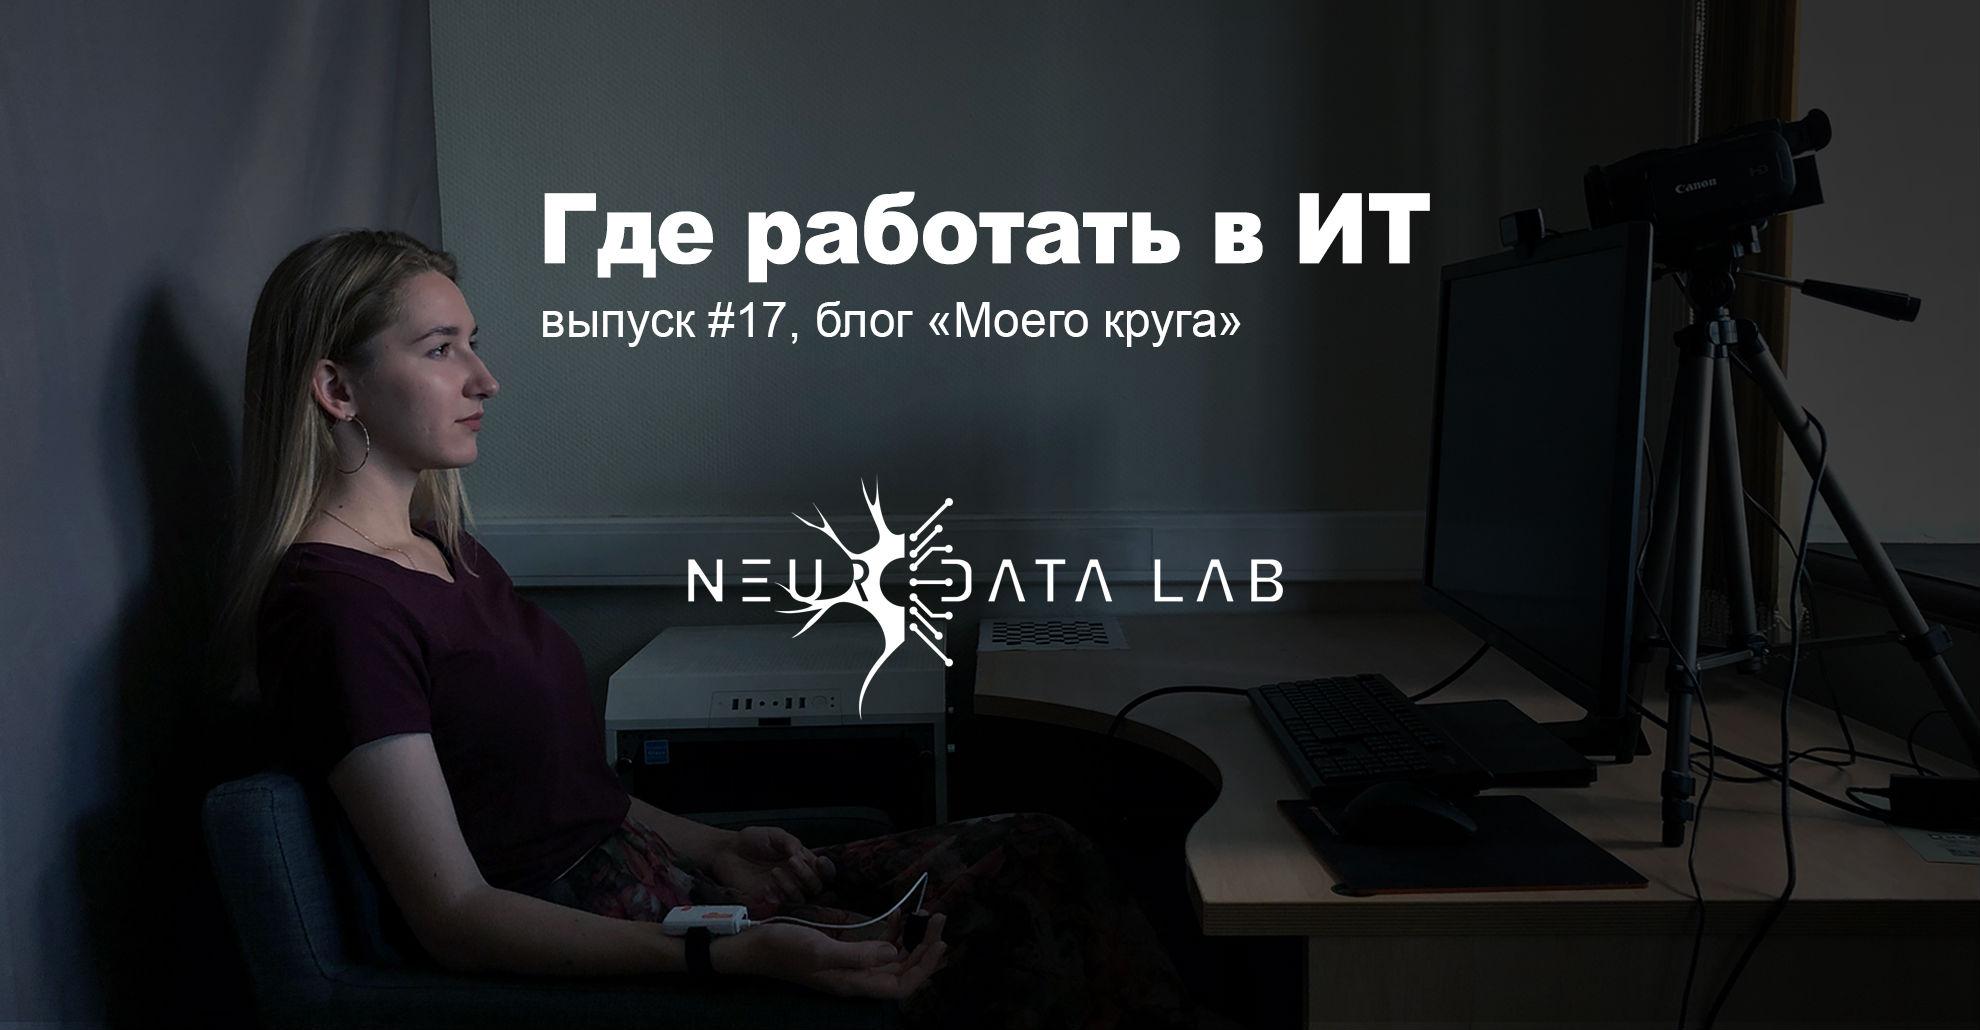 Компьютерное зрение видит эмоции, пульс, дыхание и ложь — но как построить на этом стартап. Разговор с Neurodata Lab